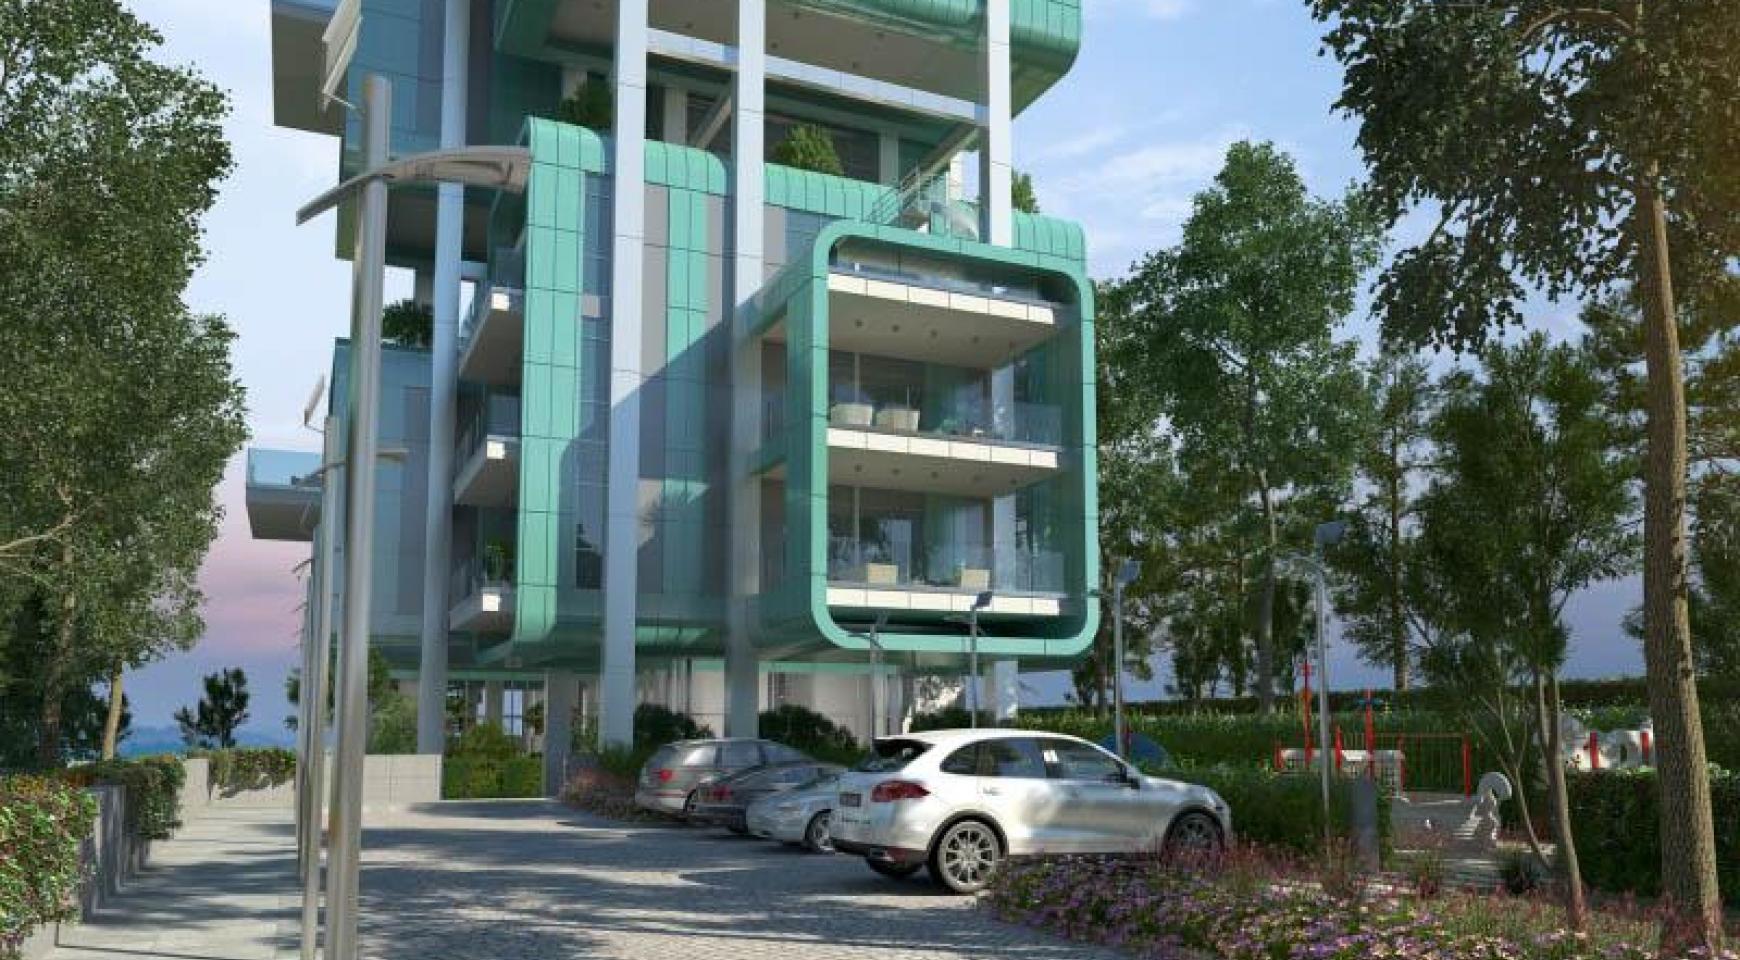 Πολυτελές διαμέρισμα 2 υπνοδωματίων με ταράτσα στο νεόδμητο συγκρότημα - 30